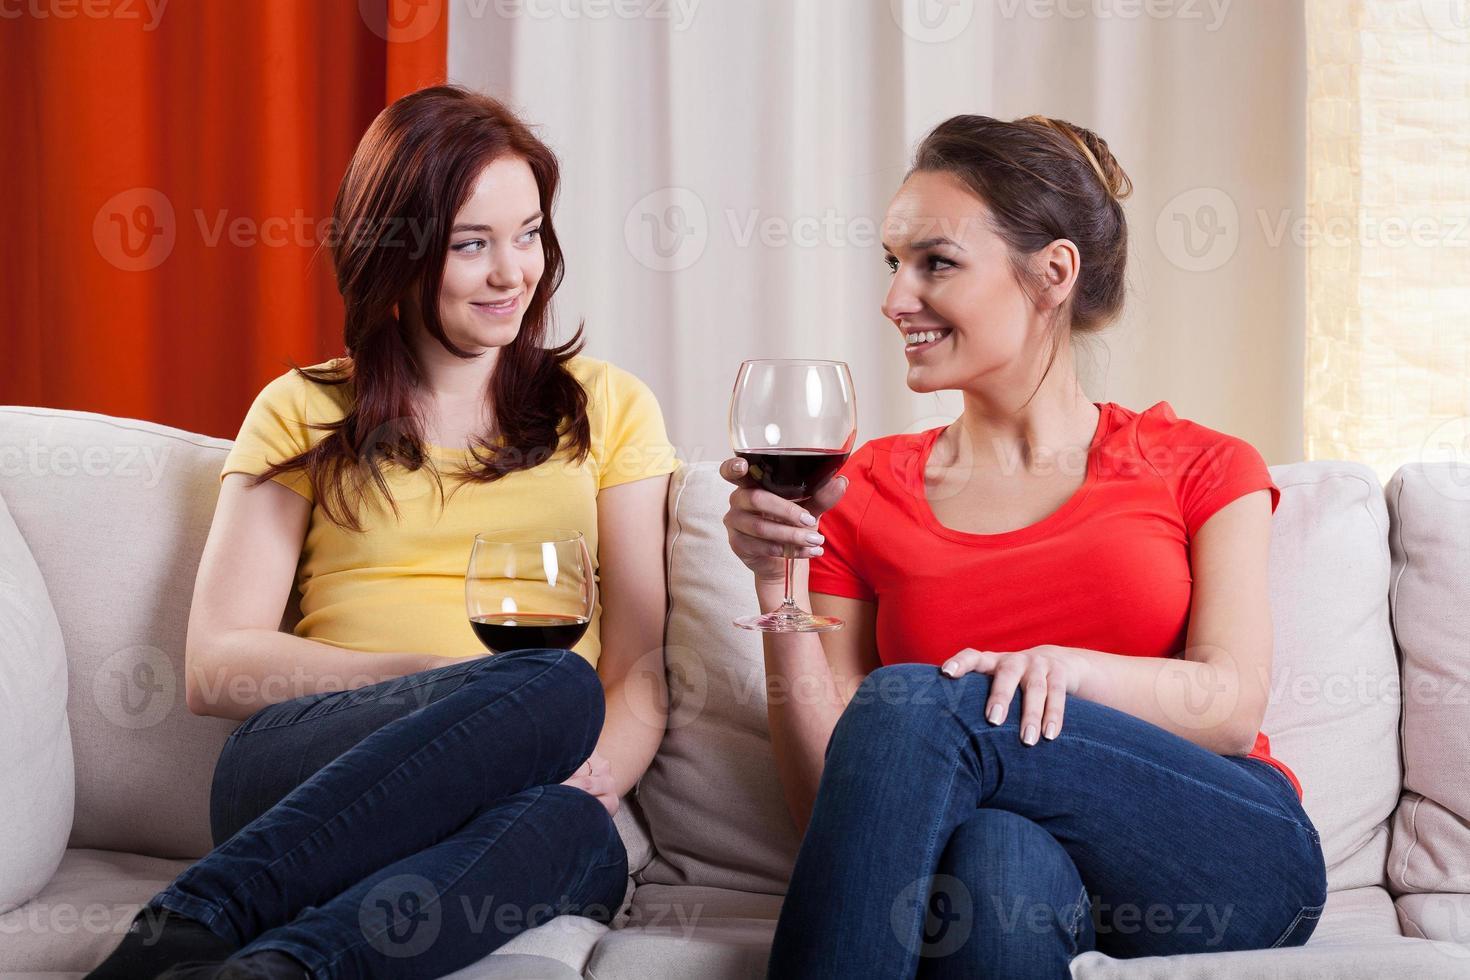 vrouwelijke vrienden die wijn drinken foto